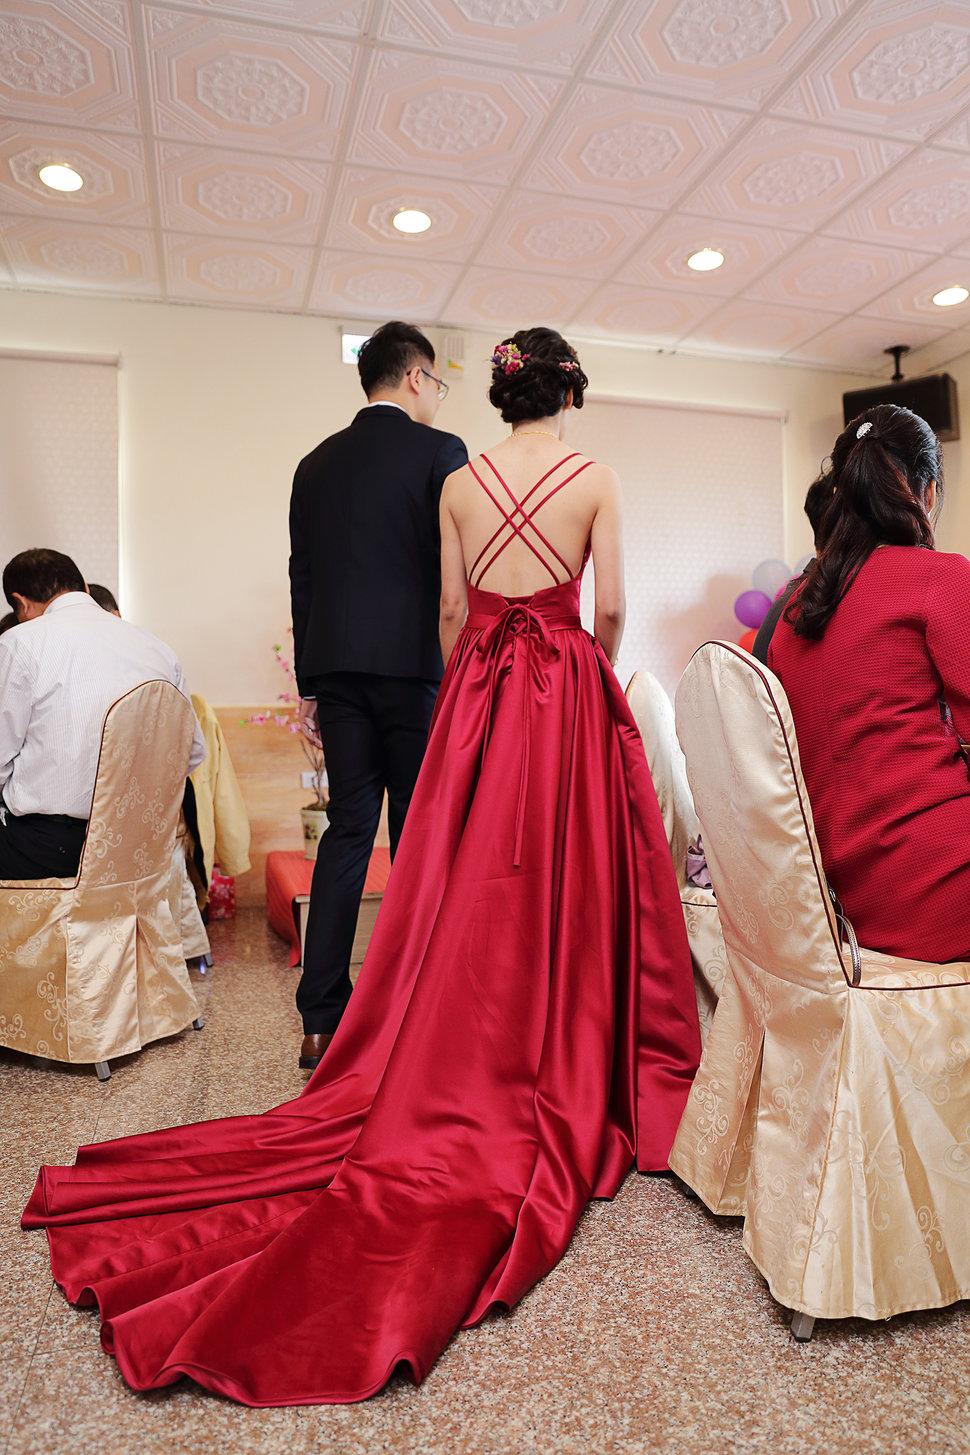 058A1346 - 倪秉影像 婚禮紀實攝影 - 結婚吧